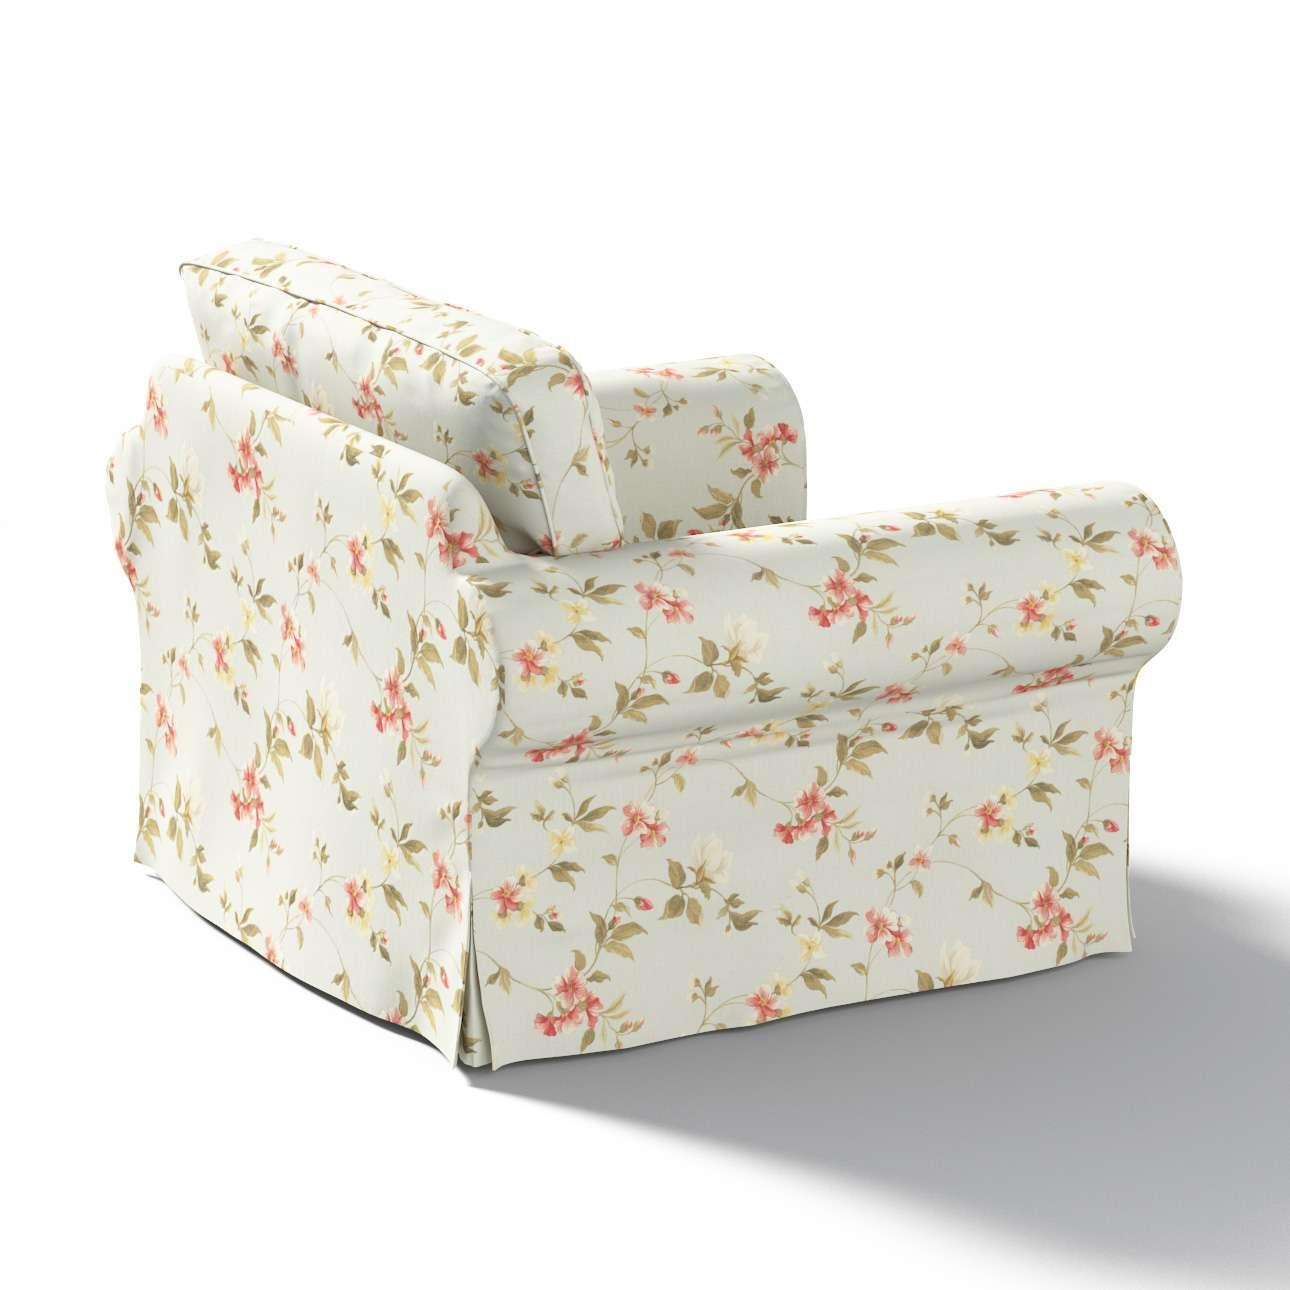 Pokrowiec na fotel Ektorp w kolekcji Londres, tkanina: 124-65